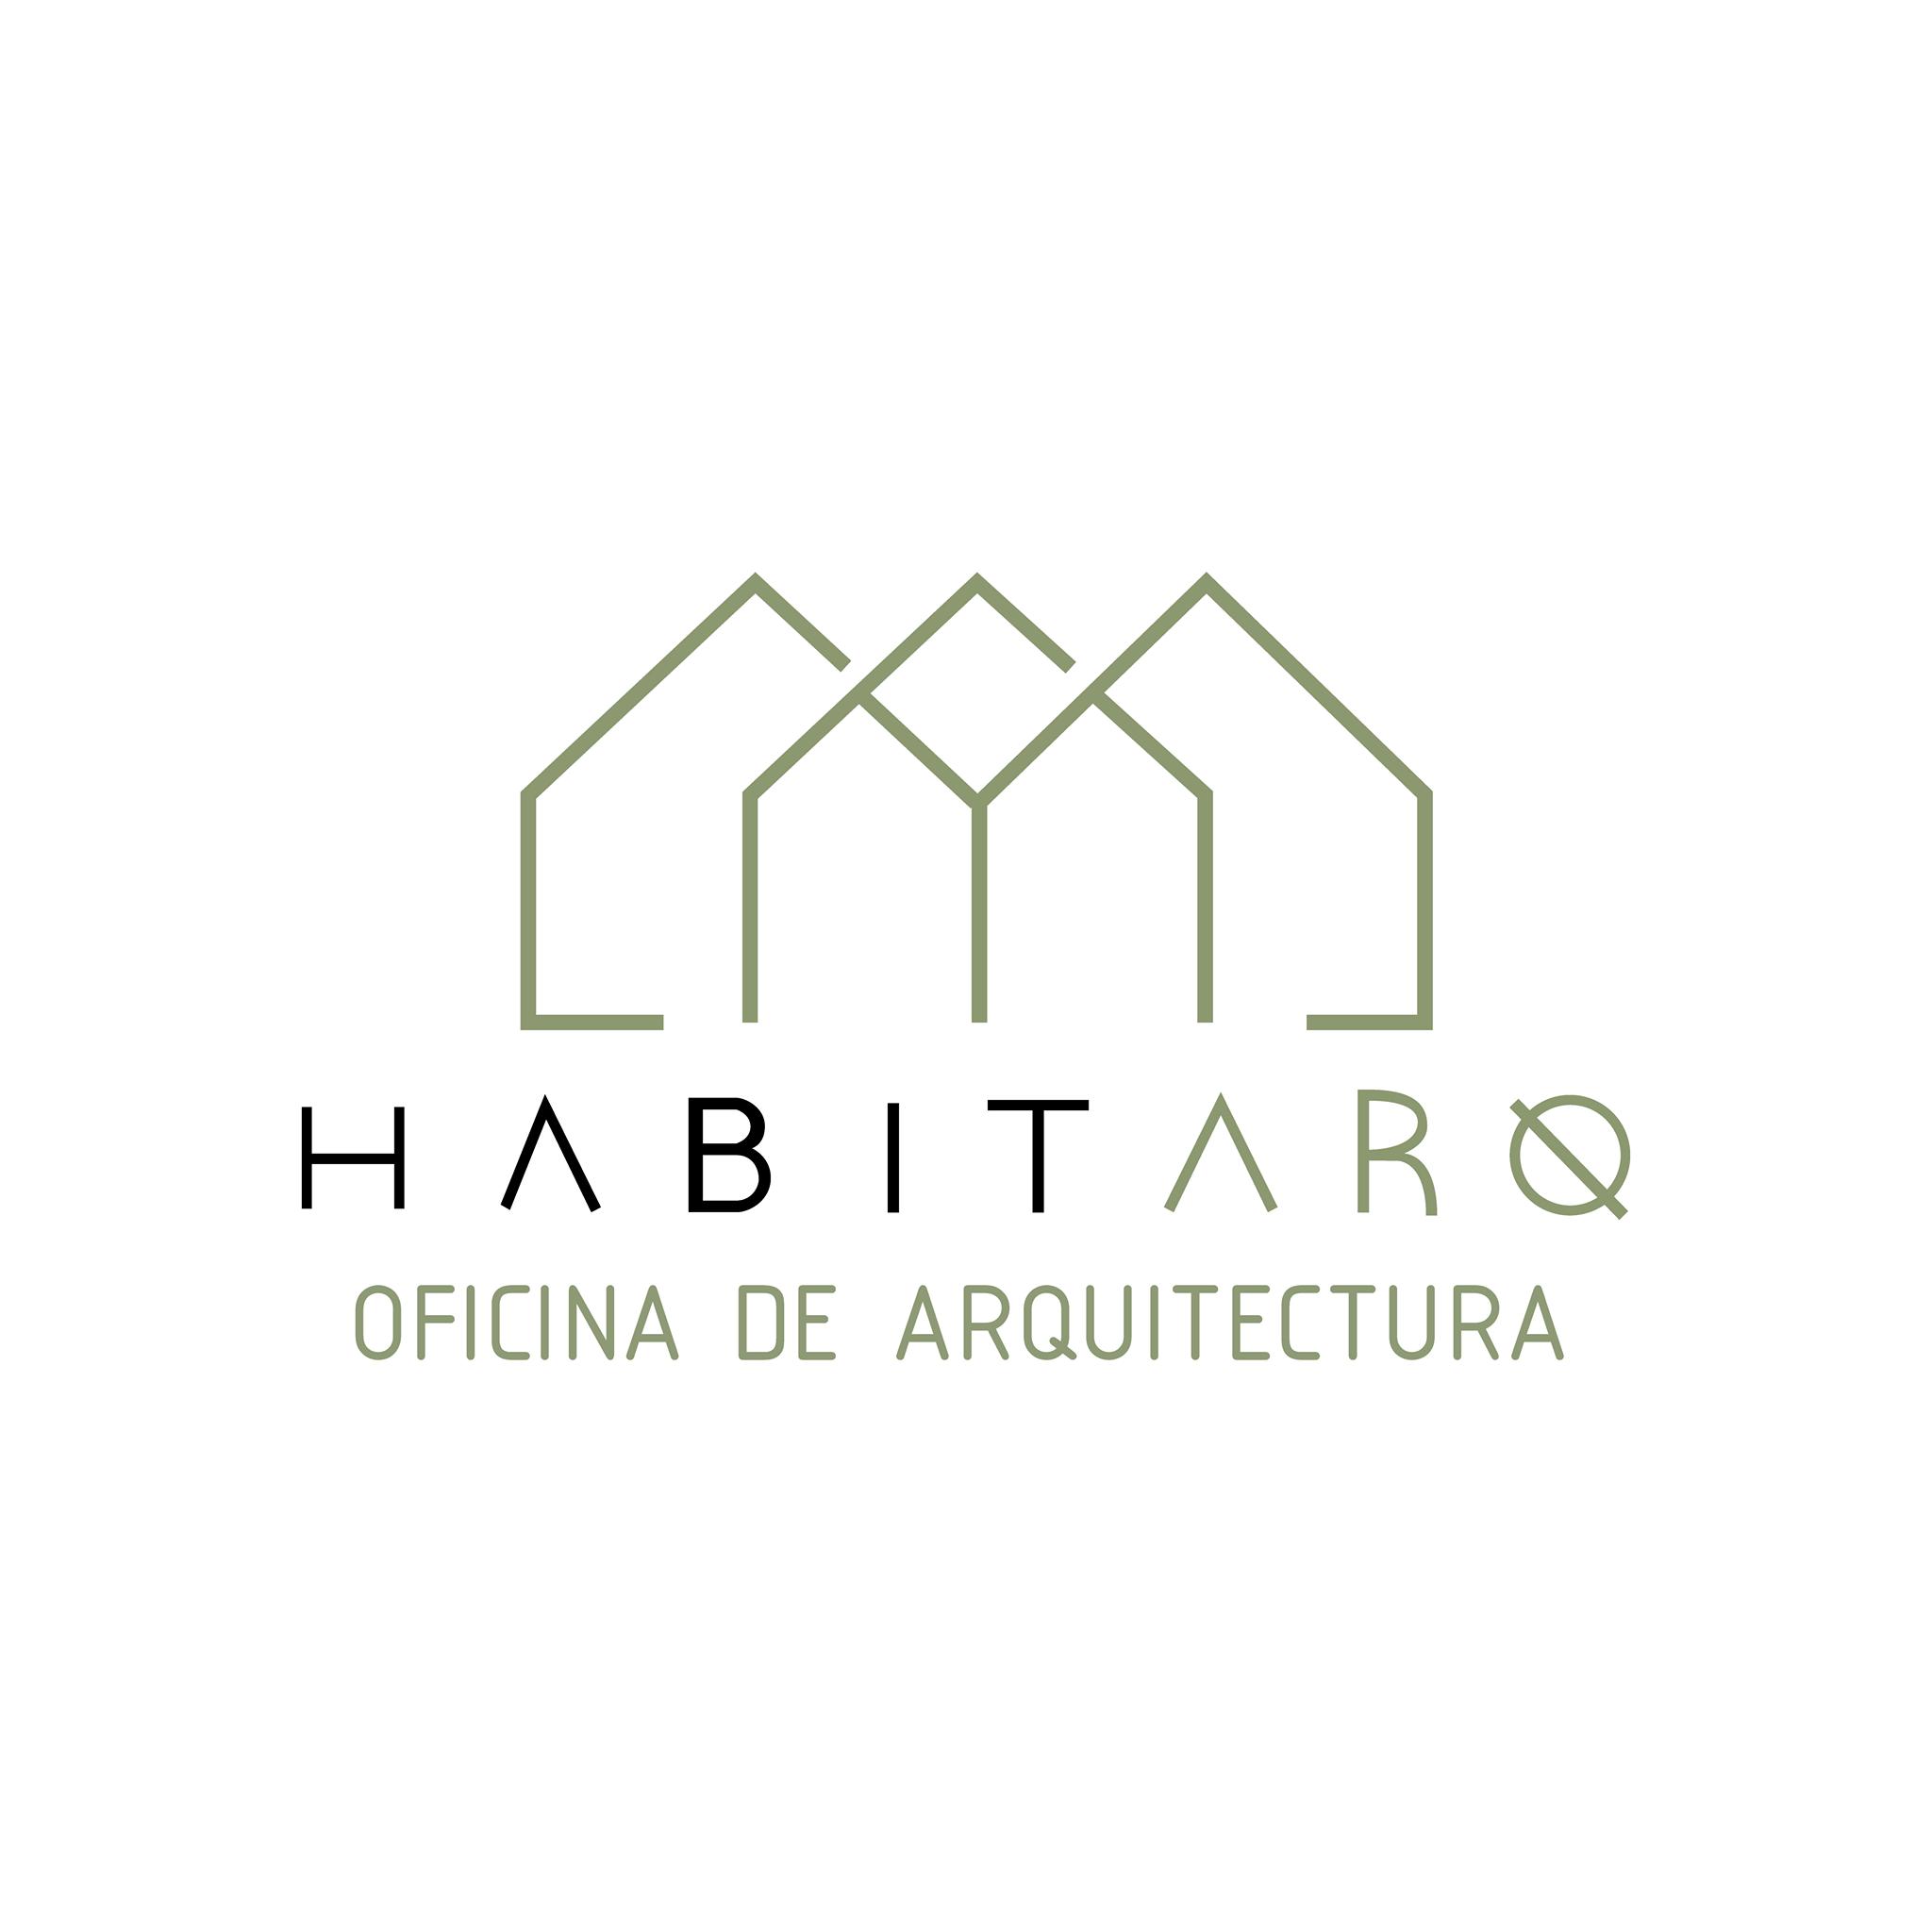 Estudio Habitarq